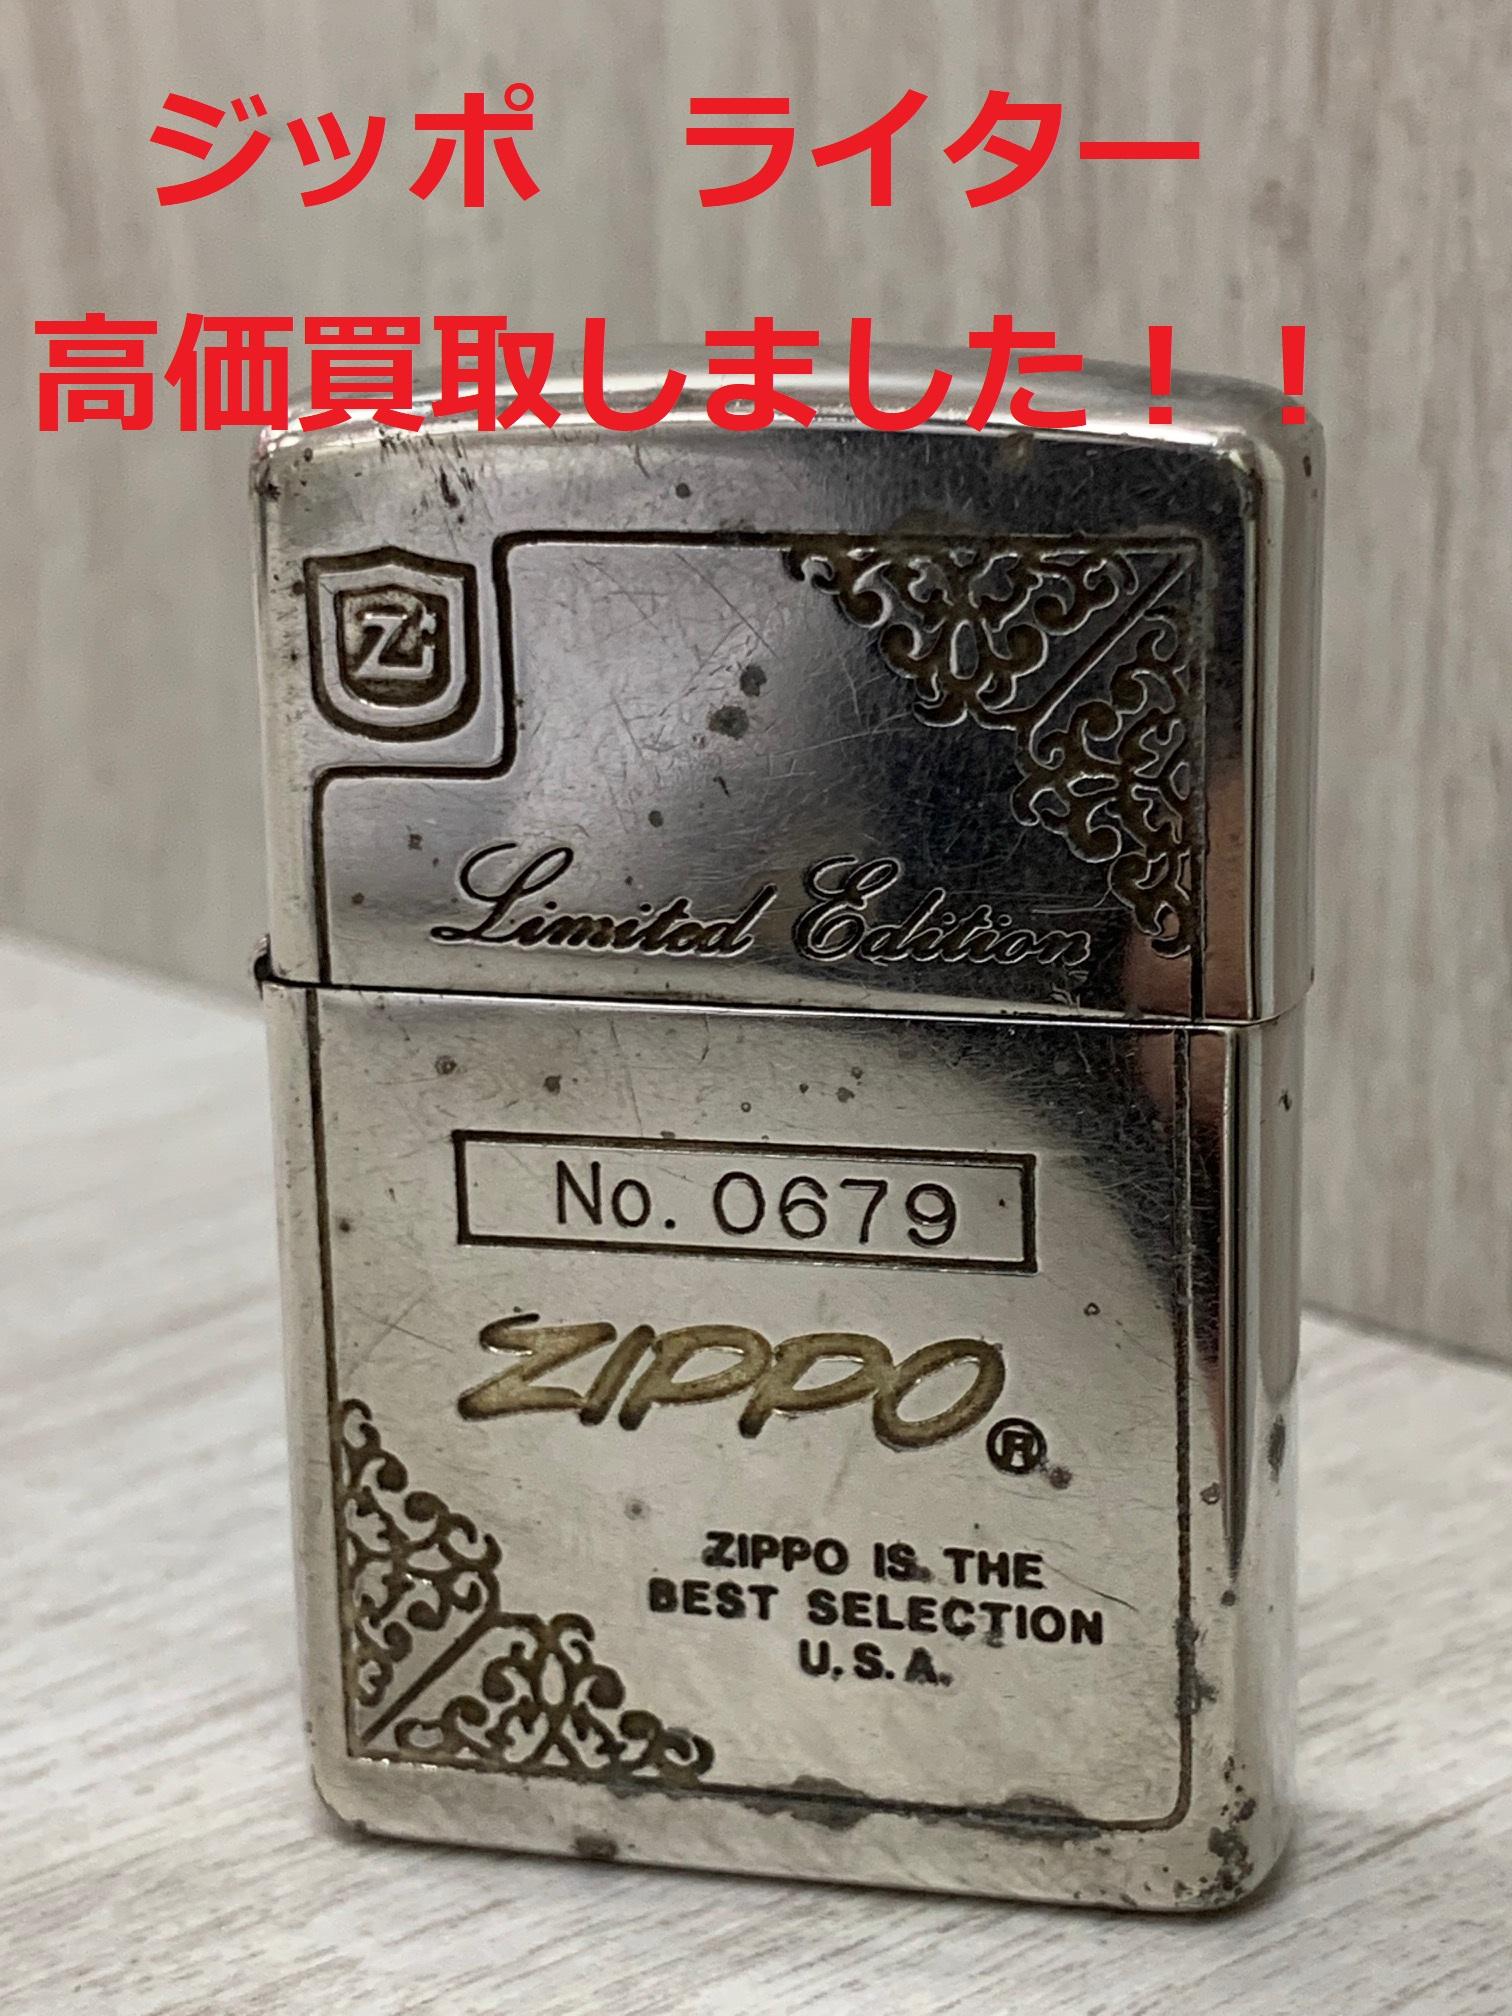 買取わかばイオン藤沢湘南ライフタウン店アンティークライタージッポ高価買取させて頂きました!ライター・万年筆・懐中時計なども大大大歓迎です!!